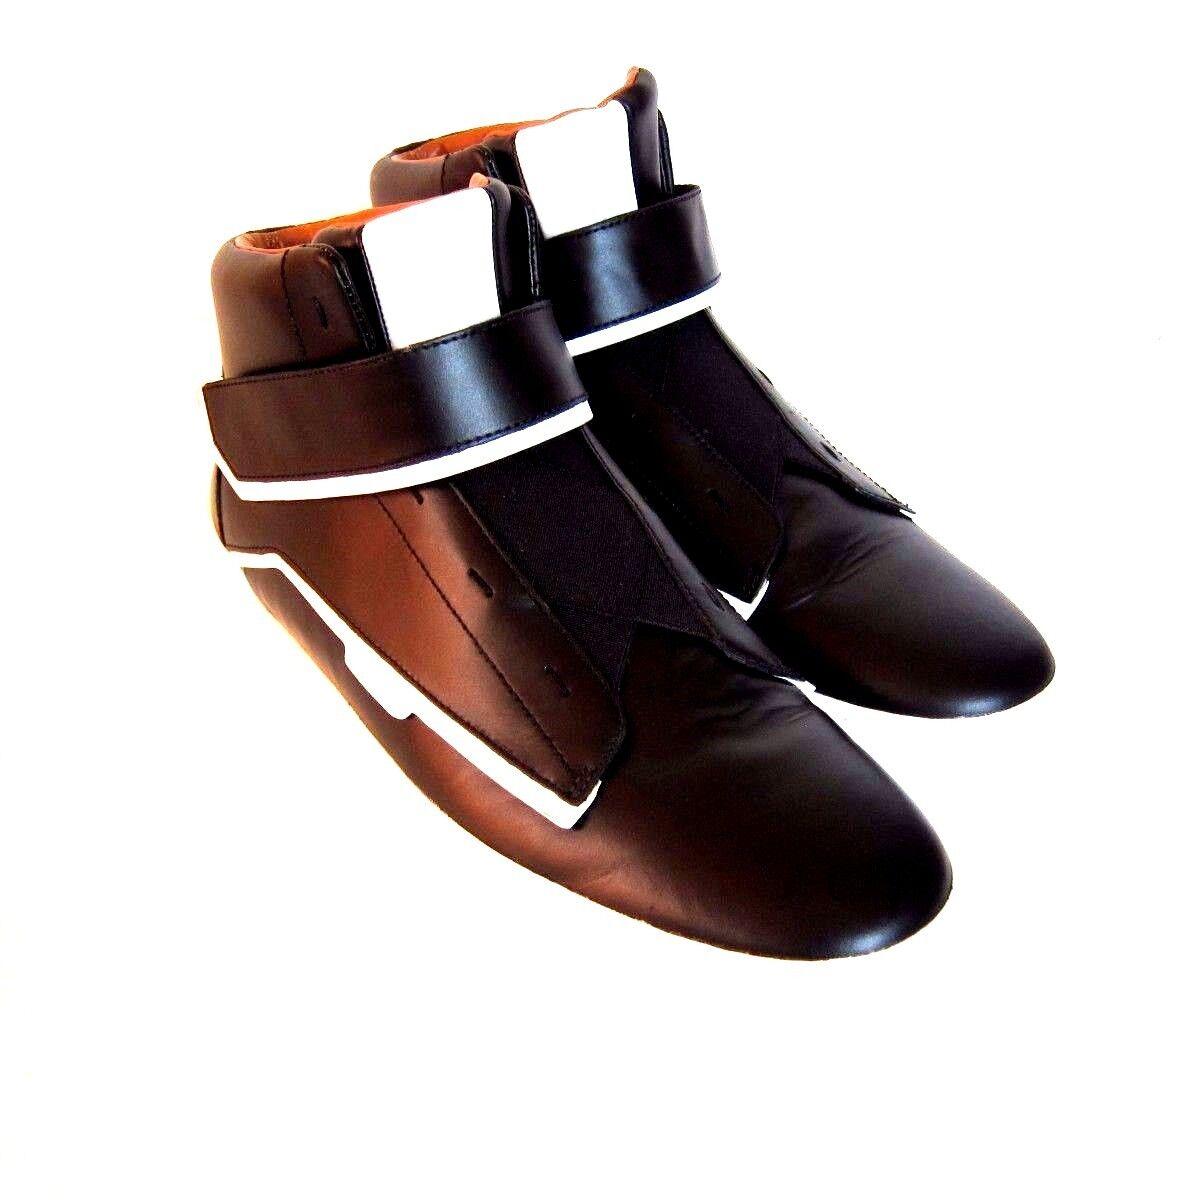 J-2390169 Nuovo Bally Erwan Nero scarpe da ginnastica Alta Superiore Scarpe Numeri 43 Us 10